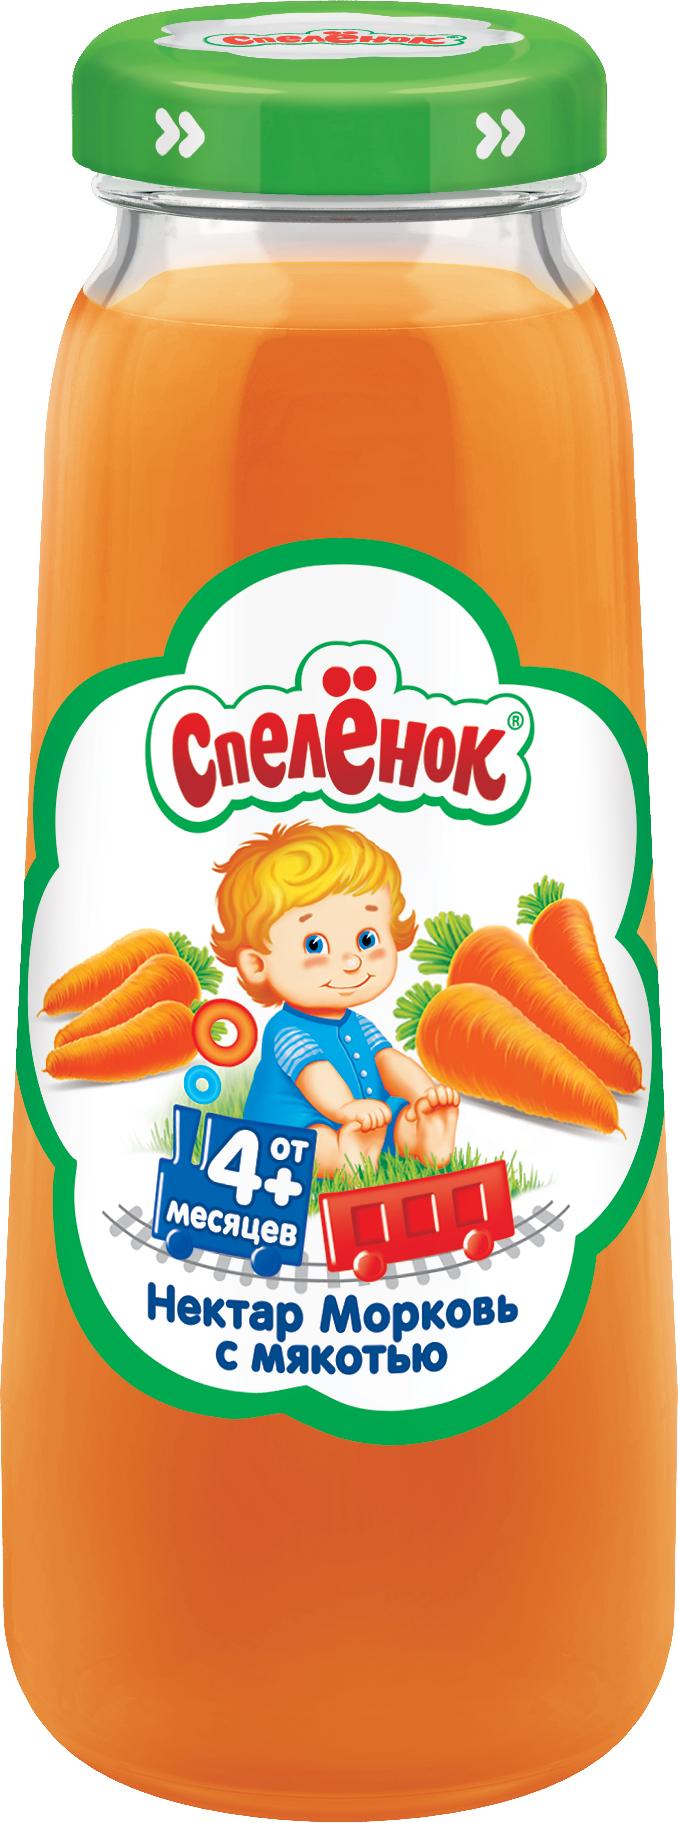 Напитки Спеленок Спелёнок Морковь с мякотью с 4 мес. 200 мл напитки спеленок спелёнок морковь с мякотью с 4 мес 200 мл